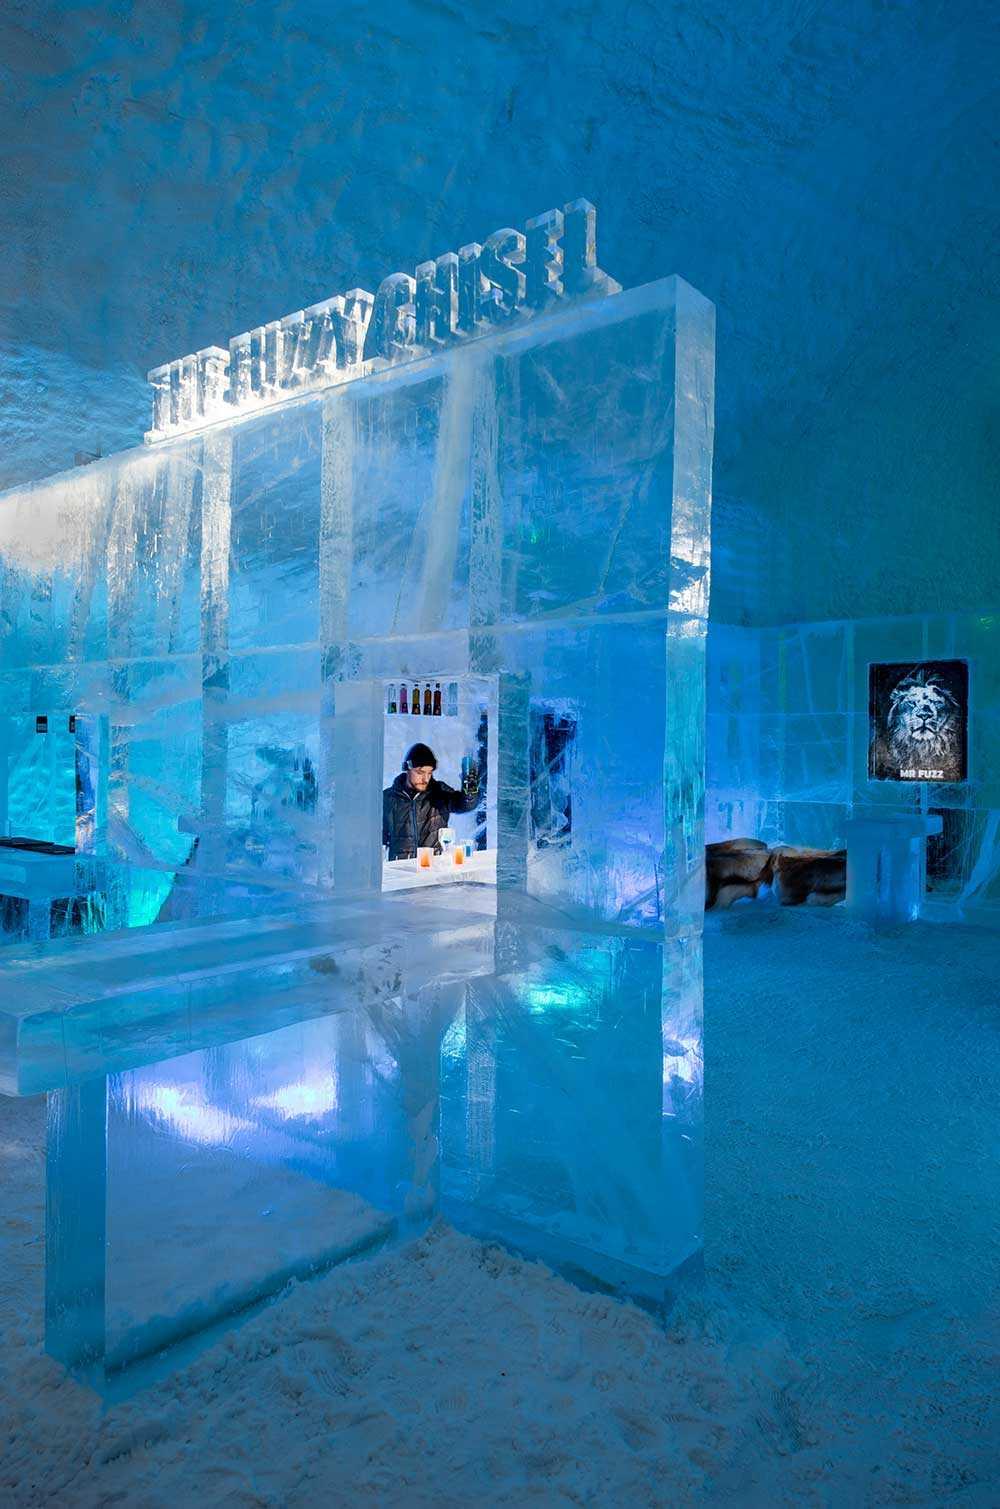 """Isbaren på Icehotel i Jukkasjärvi. """"The Fuzzy Chisel"""" är skapad av Jens Thoms Ivarsson, Karl-Johan Ekeroth, Elin Julin och Håkan Jutblad."""